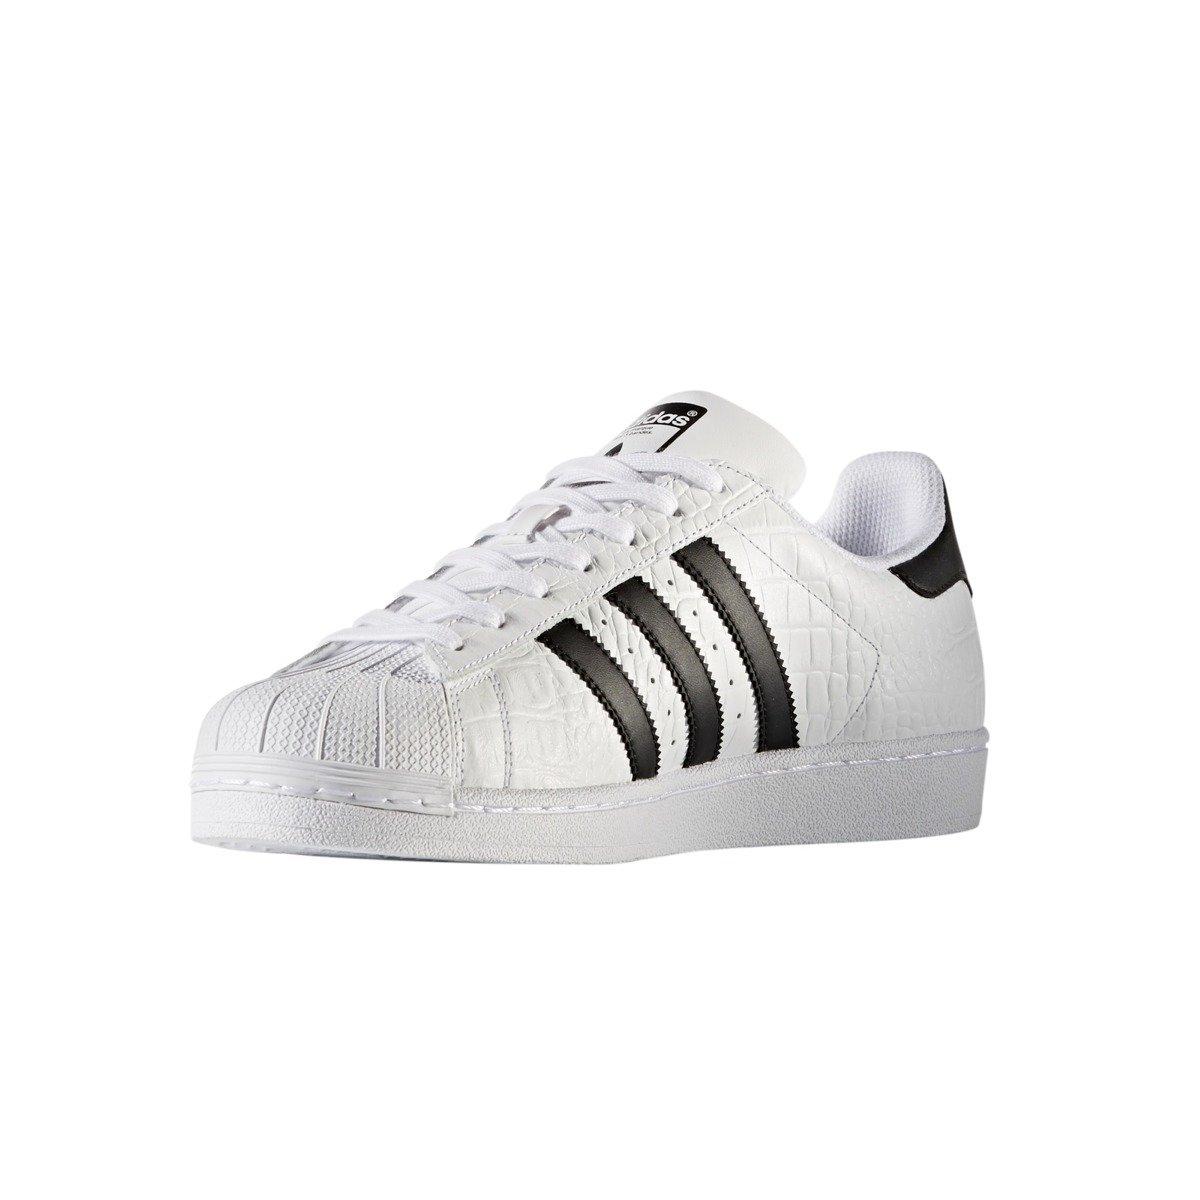 eae449e2e9f4 ... Adidas Originals Superstar Animal Print Shoes - BZ0198 ...